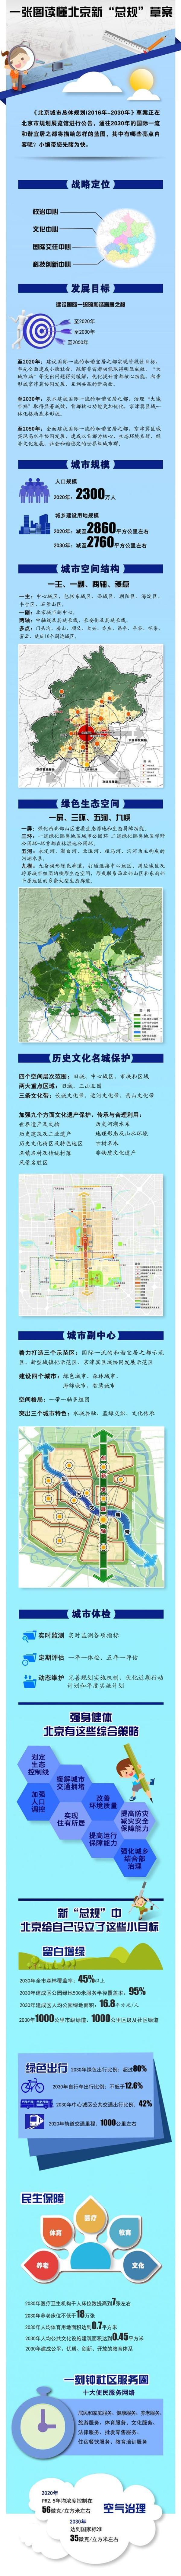 重磅!北京未来15年规划草案征意见:人口控制在约2300万